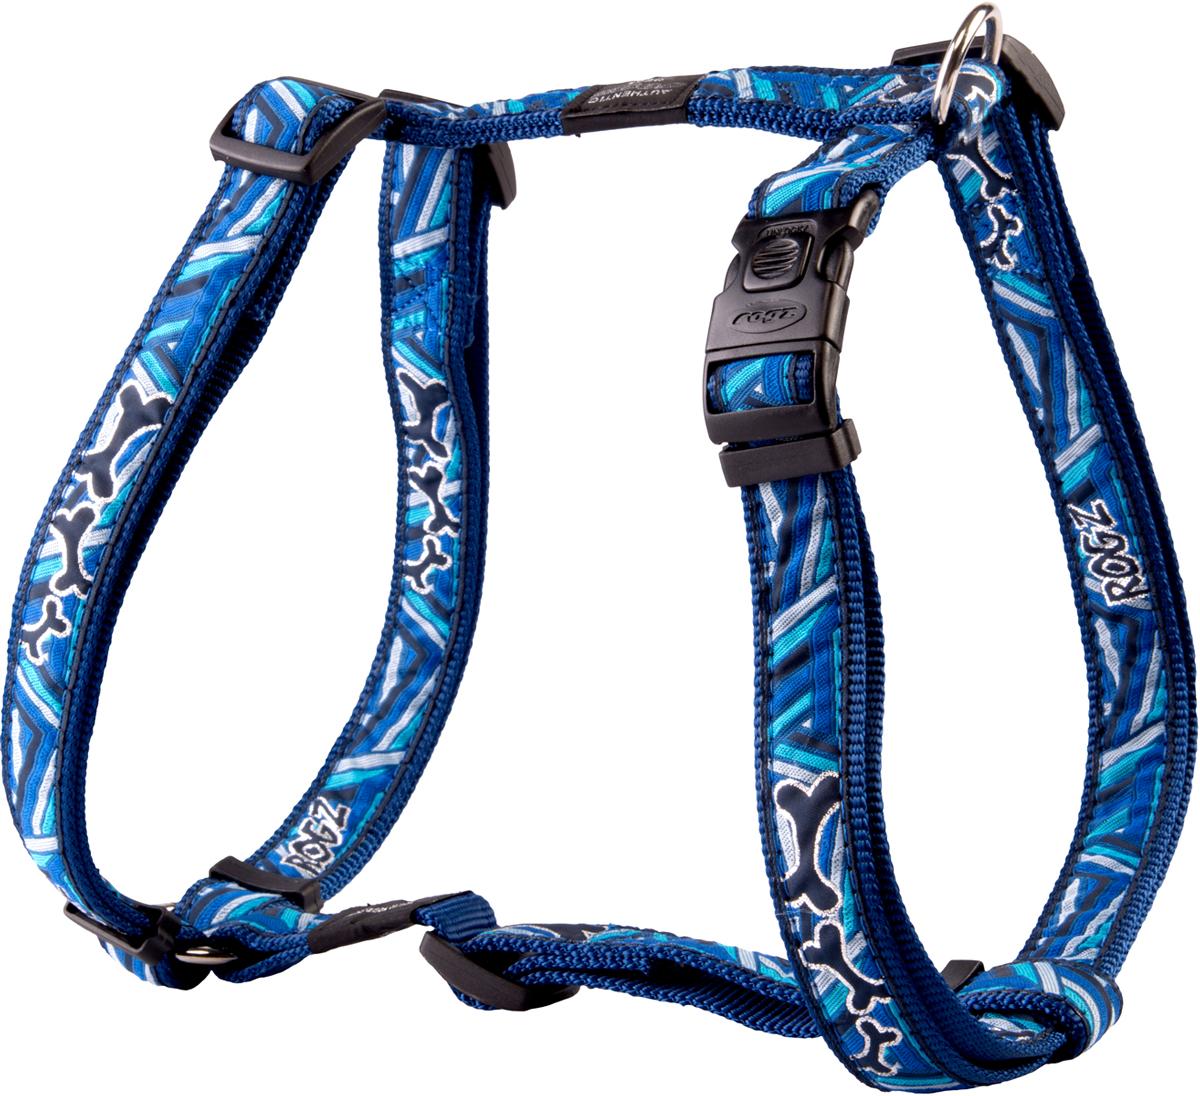 Шлейка для собак Rogz Fancy Dress, цвет: голубой, ширина 2 смSJ03CDШлейка для собак Rogz Fancy Dress имеет необычный дизайн. Широкая гамма потрясающе красивых орнаментов на прочной тесьме поверх нейлоновой ленты украсит вашего питомца.Застегивается, не доставляя неудобство собаке.Специальная конструкция пряжки Rog Loc - очень крепкая(система Fort Knox). Замок может быть расстегнут только рукой человека.С помощью системы ремней изделие подгоняется под животного индивидуально.Необыкновенно крепкая и прочная шлейка.Выполненные по заказу литые кольца выдерживают значительные физические нагрузки и имеют хромирование, нанесенное гальваническим способом, что позволяет избежать коррозии и потускнения изделия.Легко можно прикрепить к ошейнику и поводку.